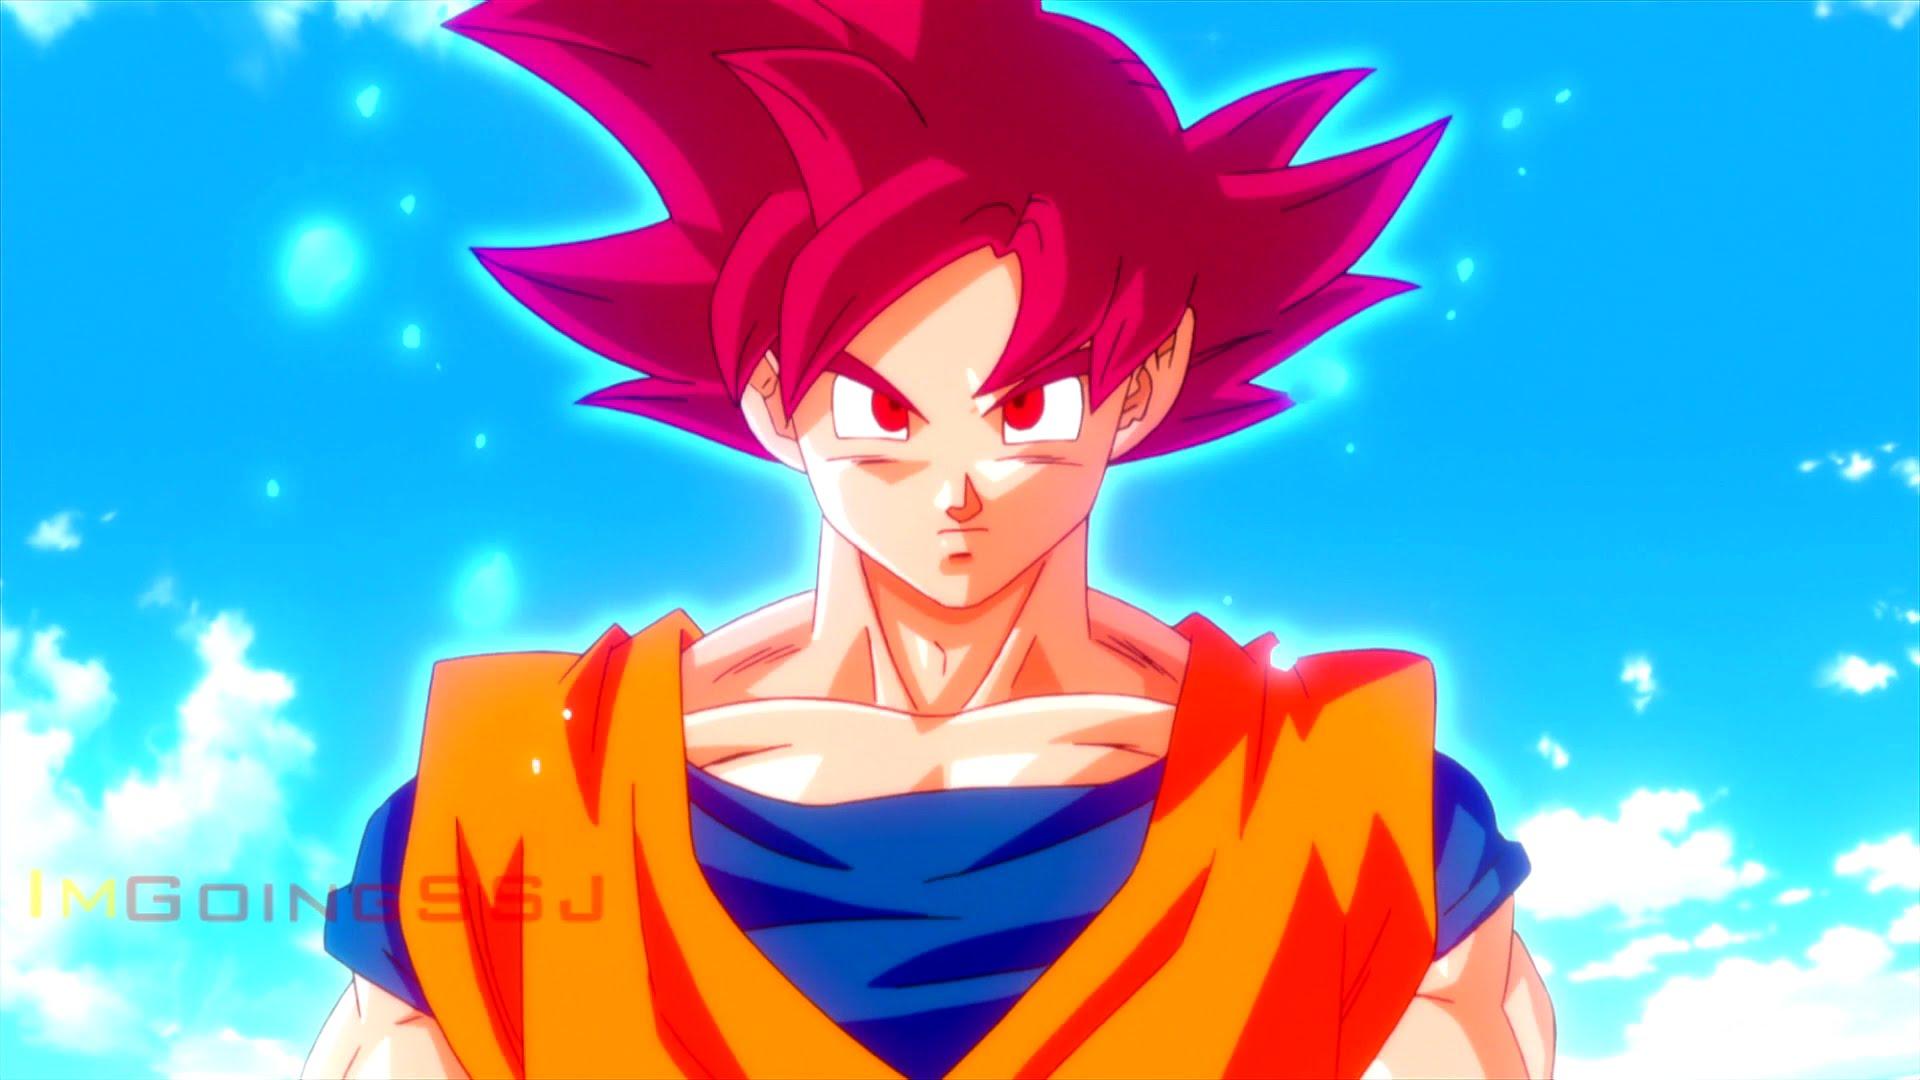 ººDragon Ball Superºº